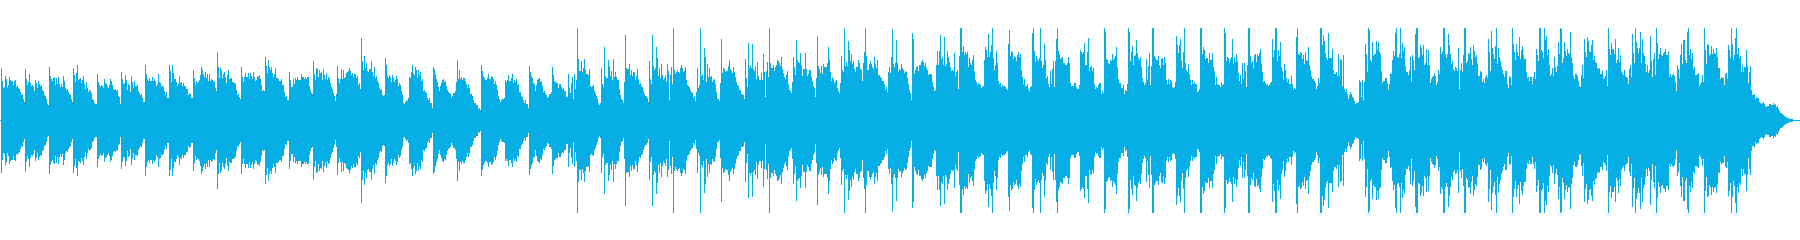 リラックスできるピアノ・エレクトロの再生済みの波形